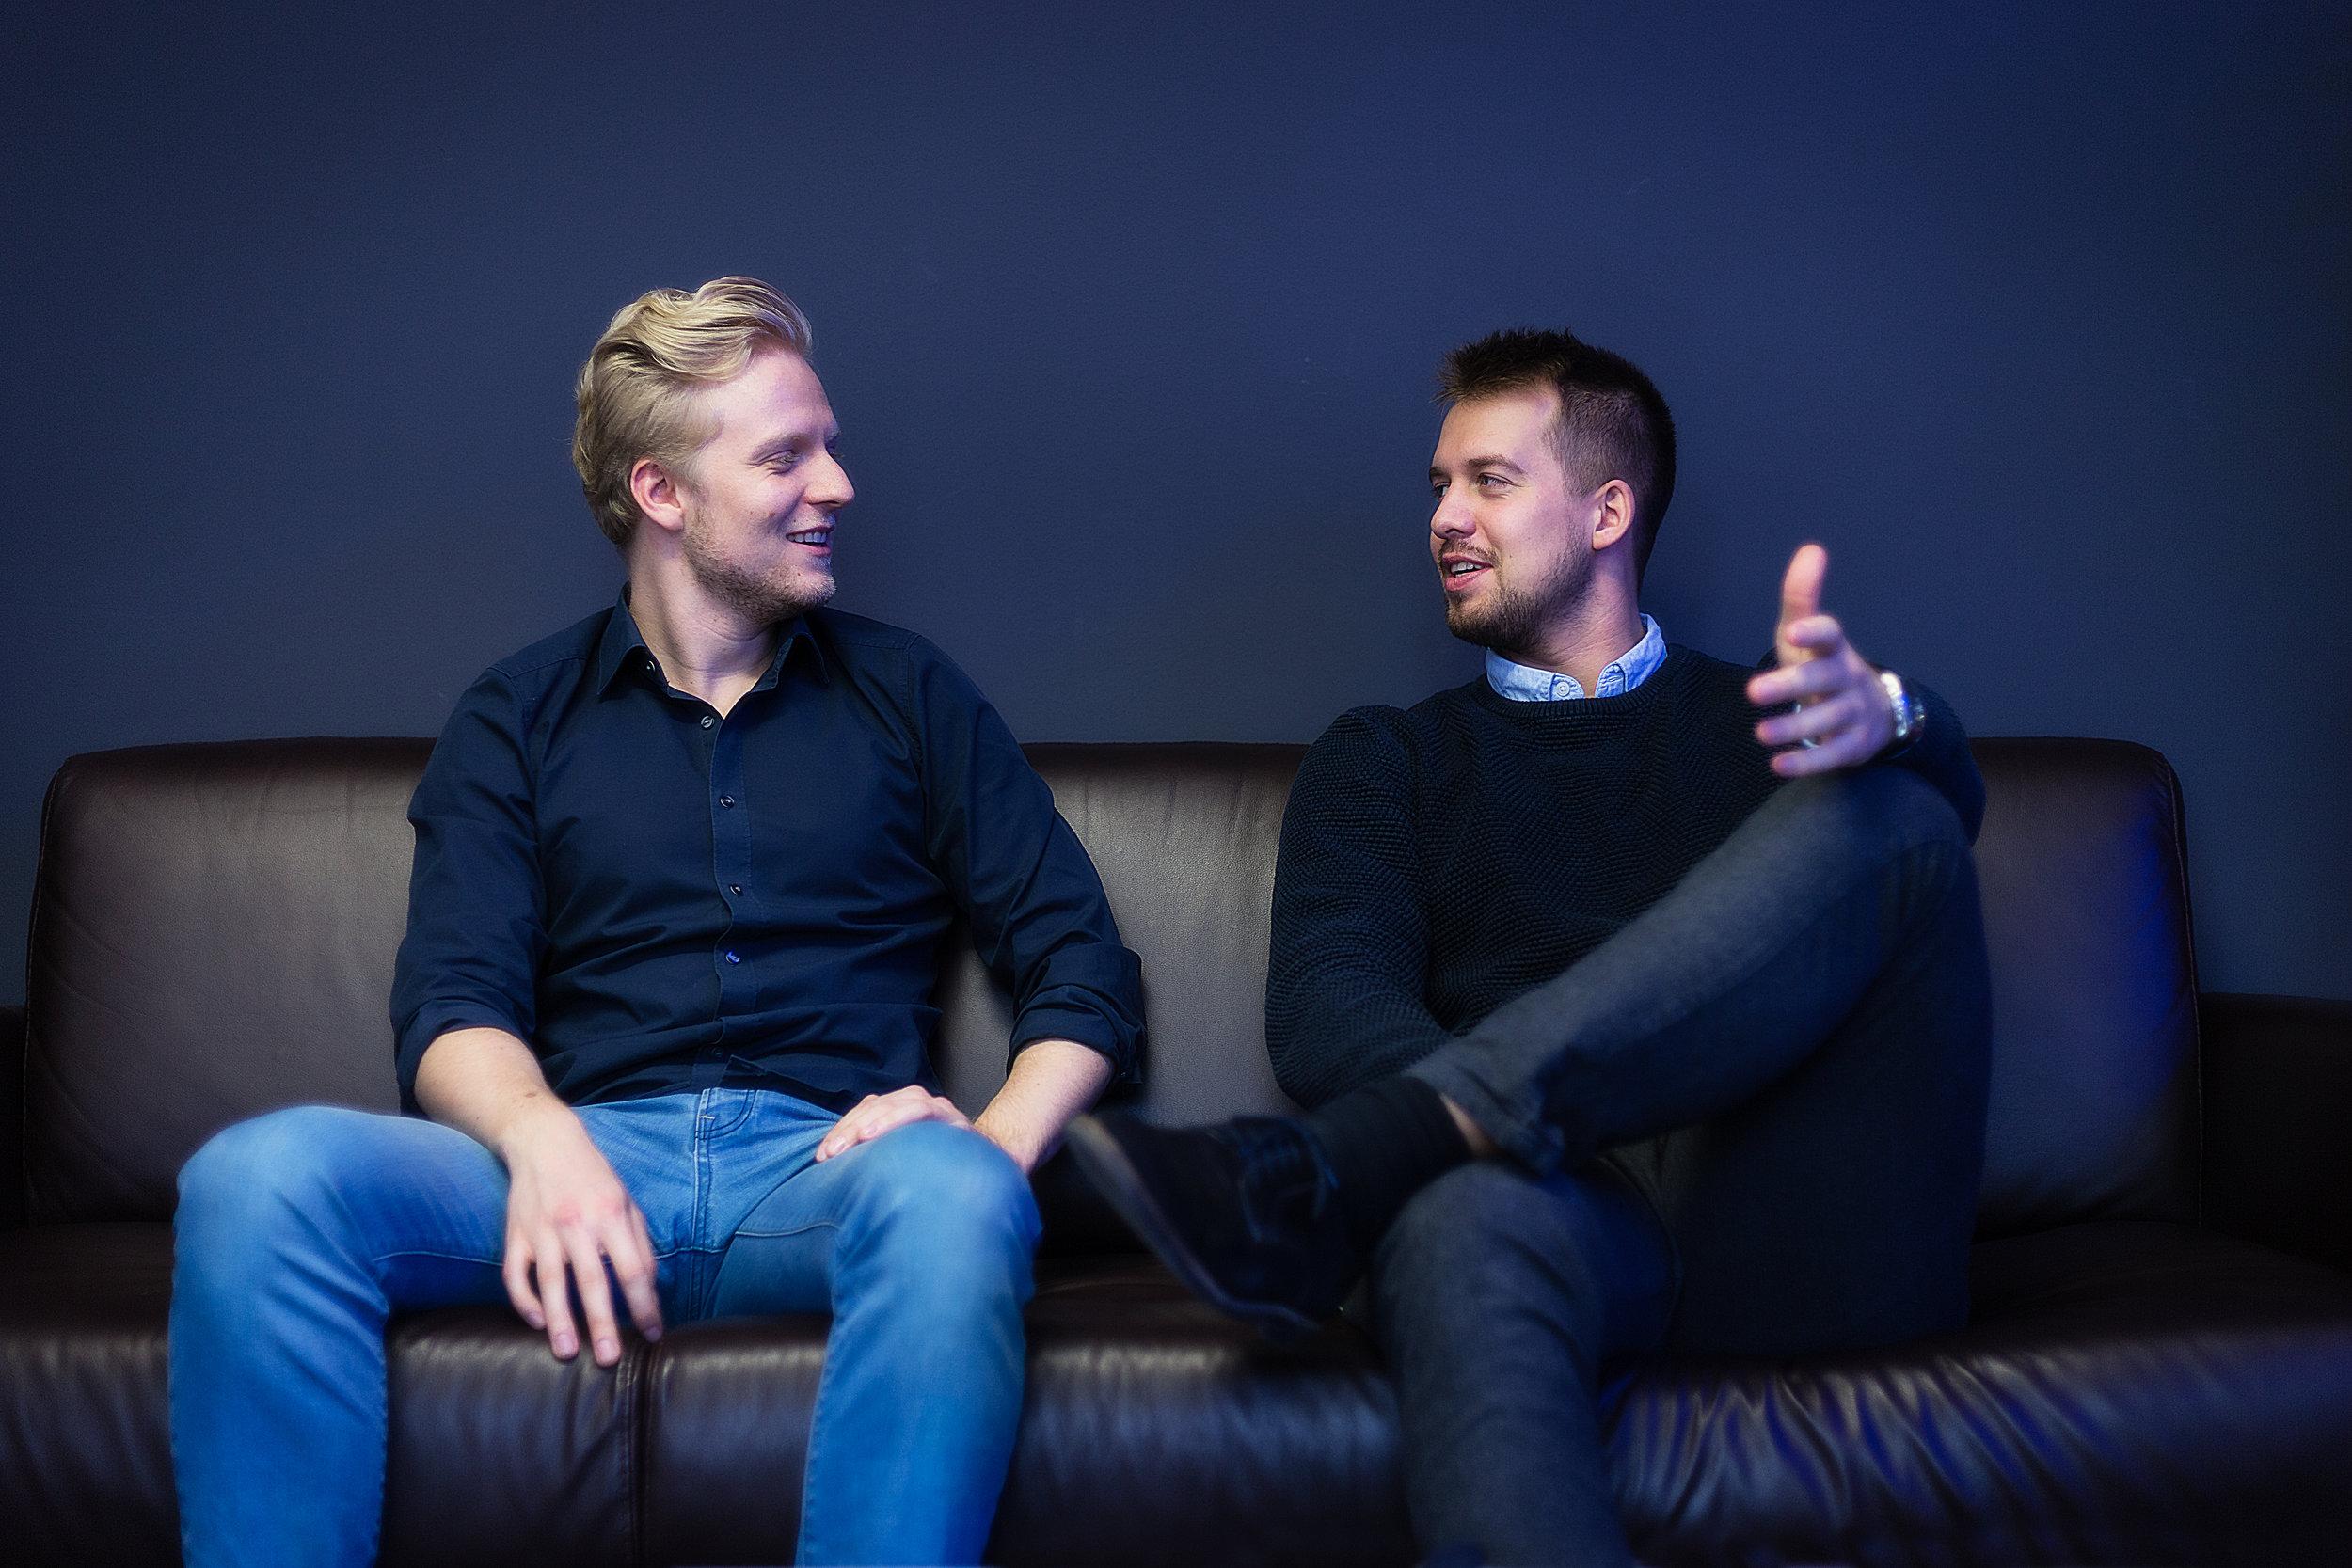 Die IMANOX Gründer (v.l.)Manuel Kolmet (Technischer Direktor) und Johannes Darrmann (Geschäftsführer)